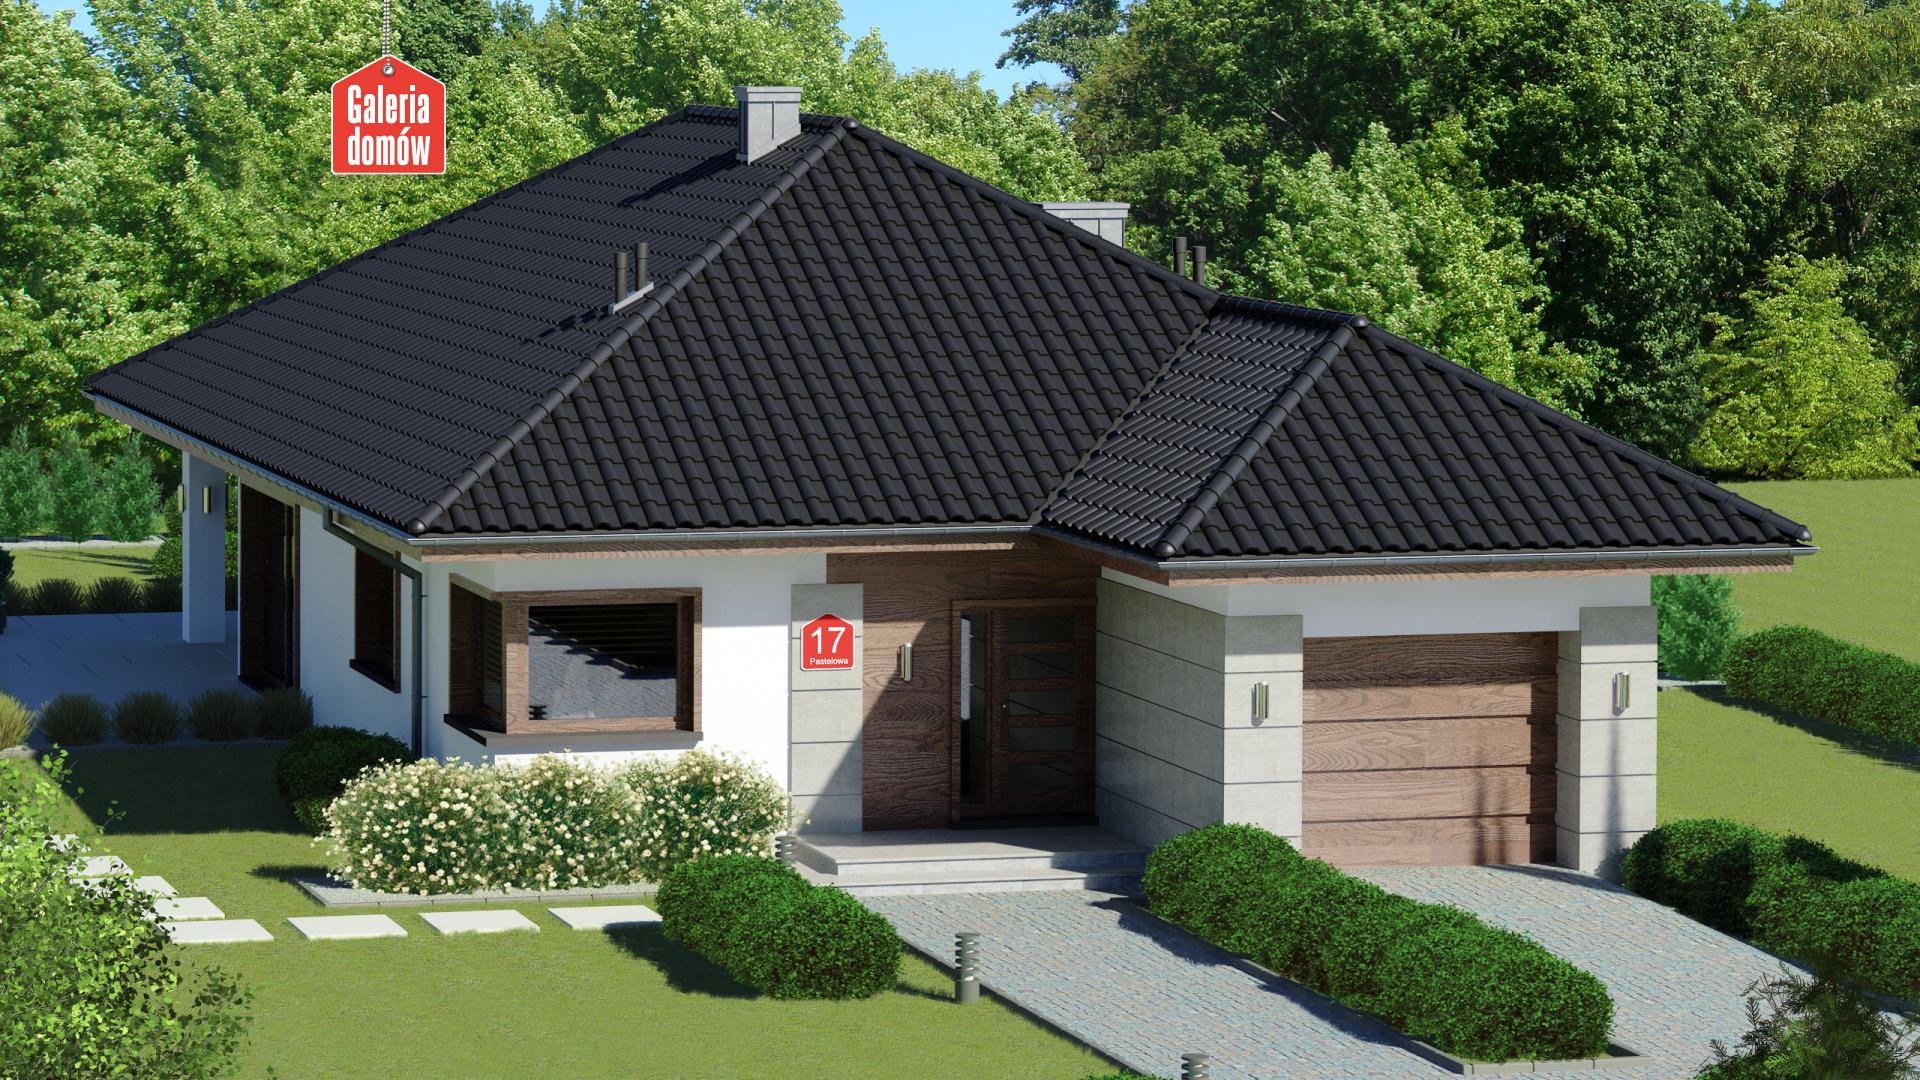 Dom przy Pastelowej 17 bis - zdjęcie projektu i wizualizacja